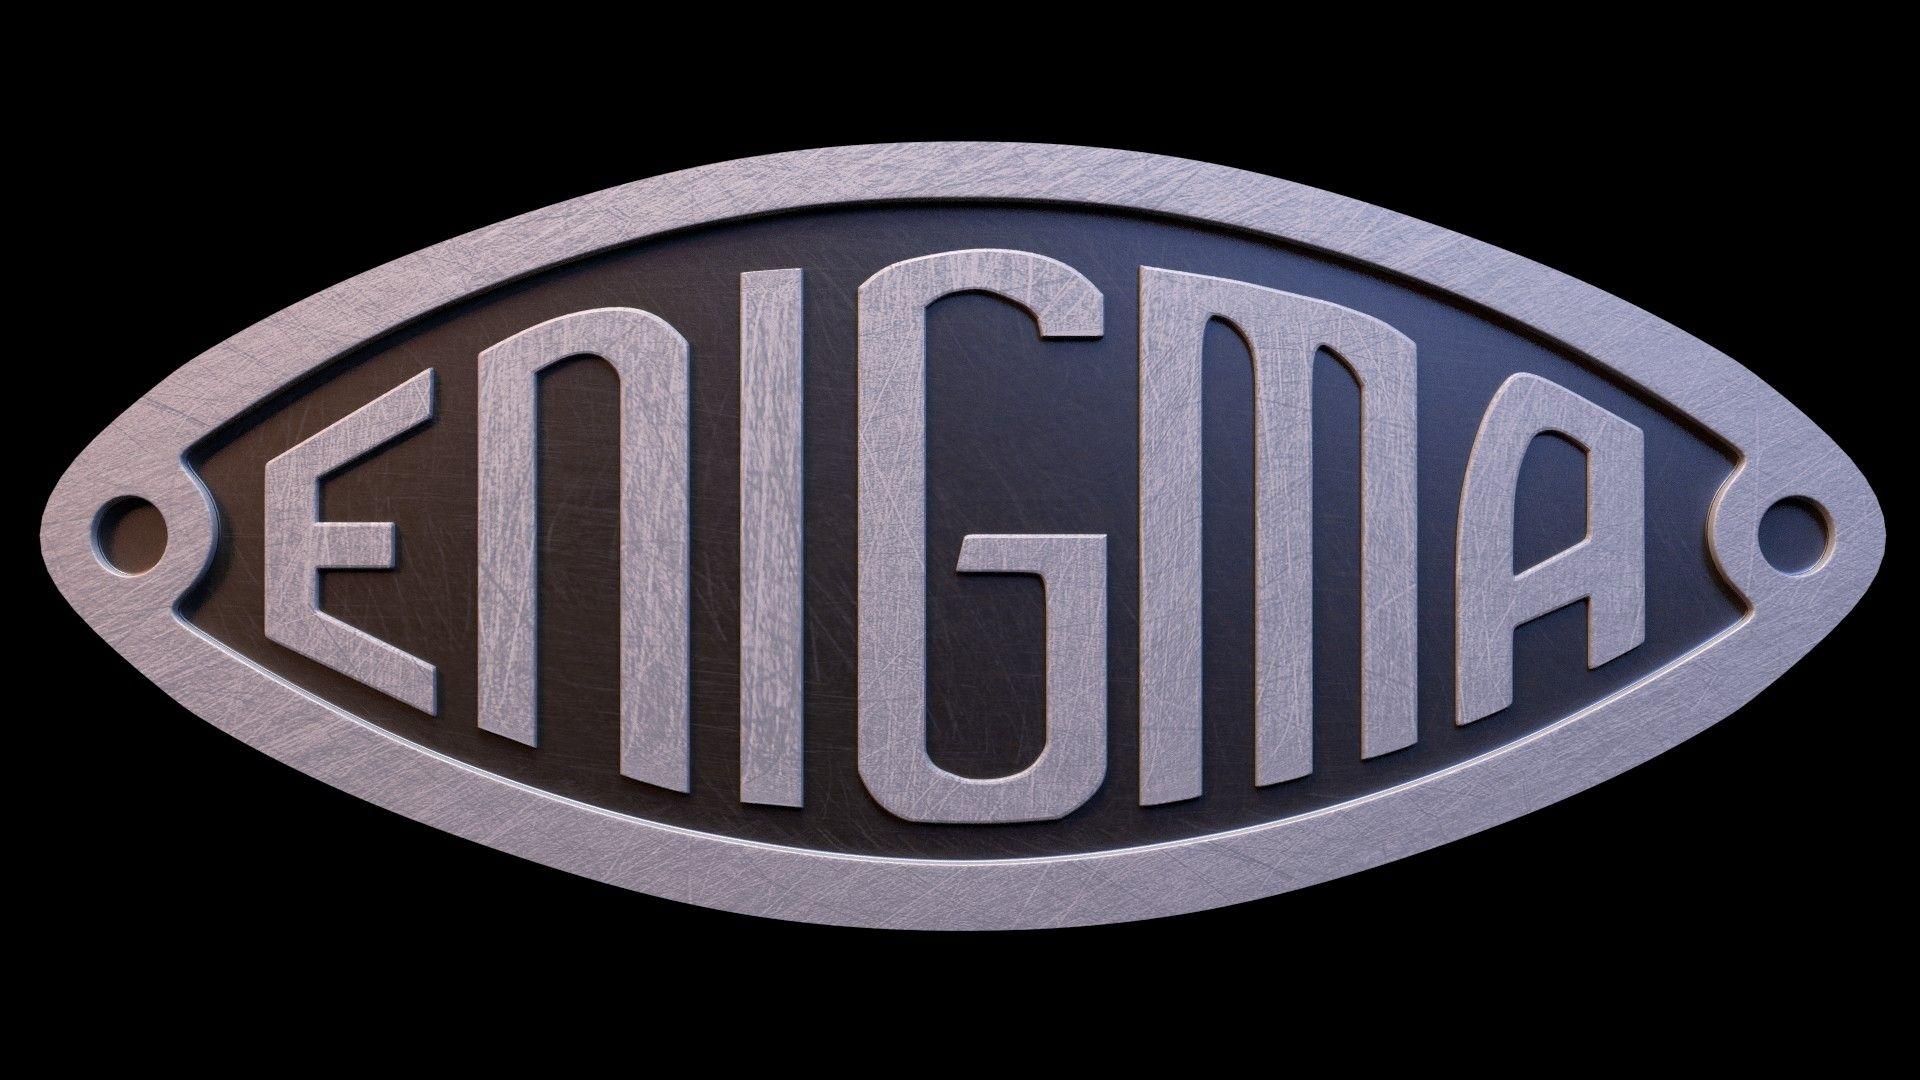 Картинки по запросу enigma machine.